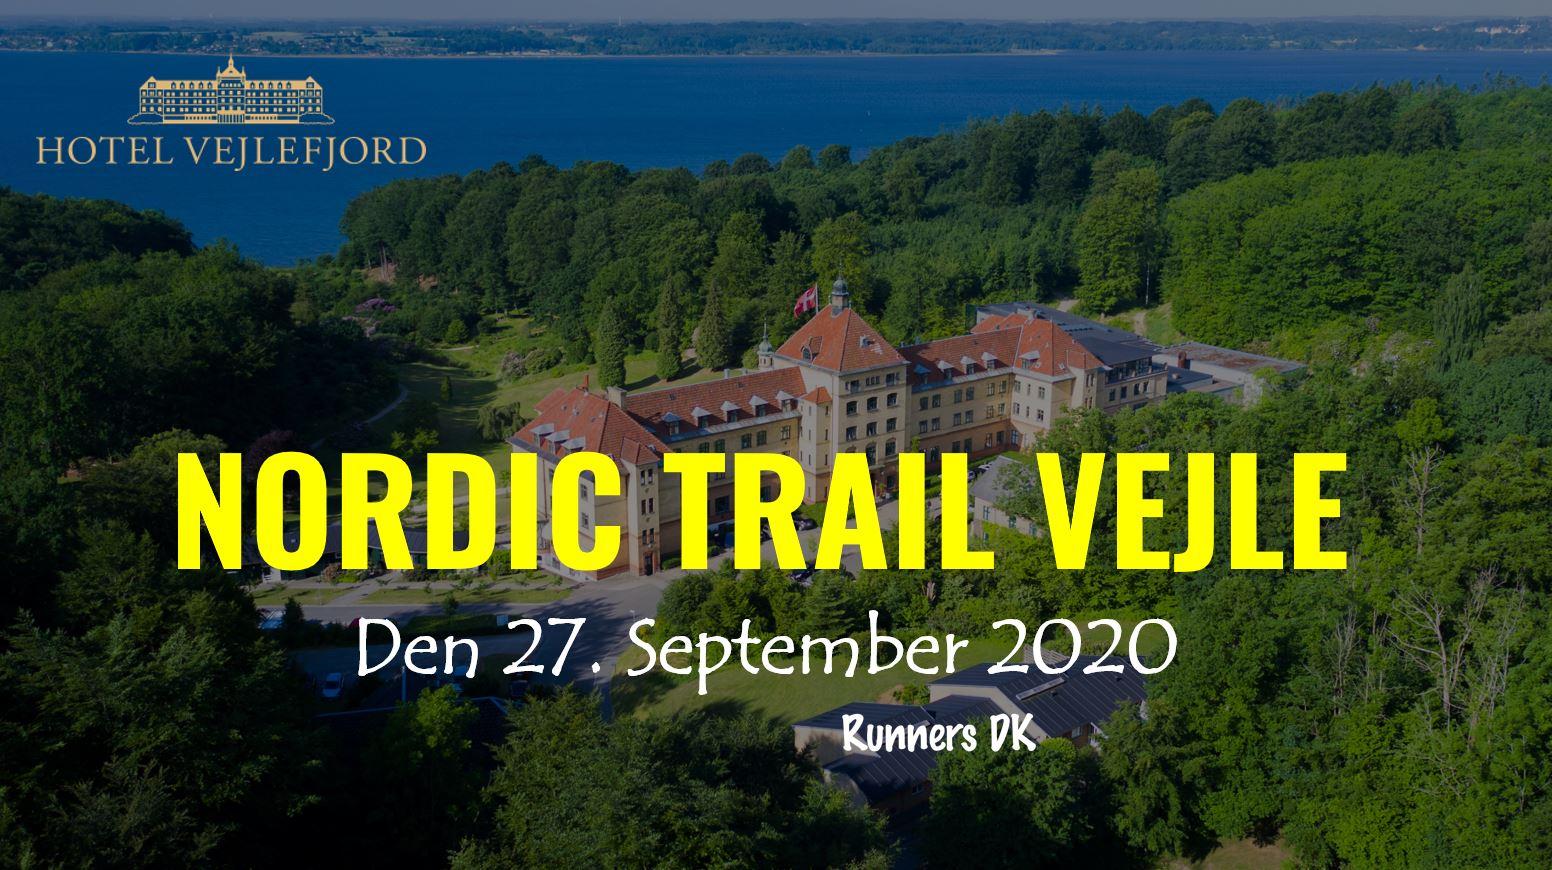 Nordic TRAIL Vejle